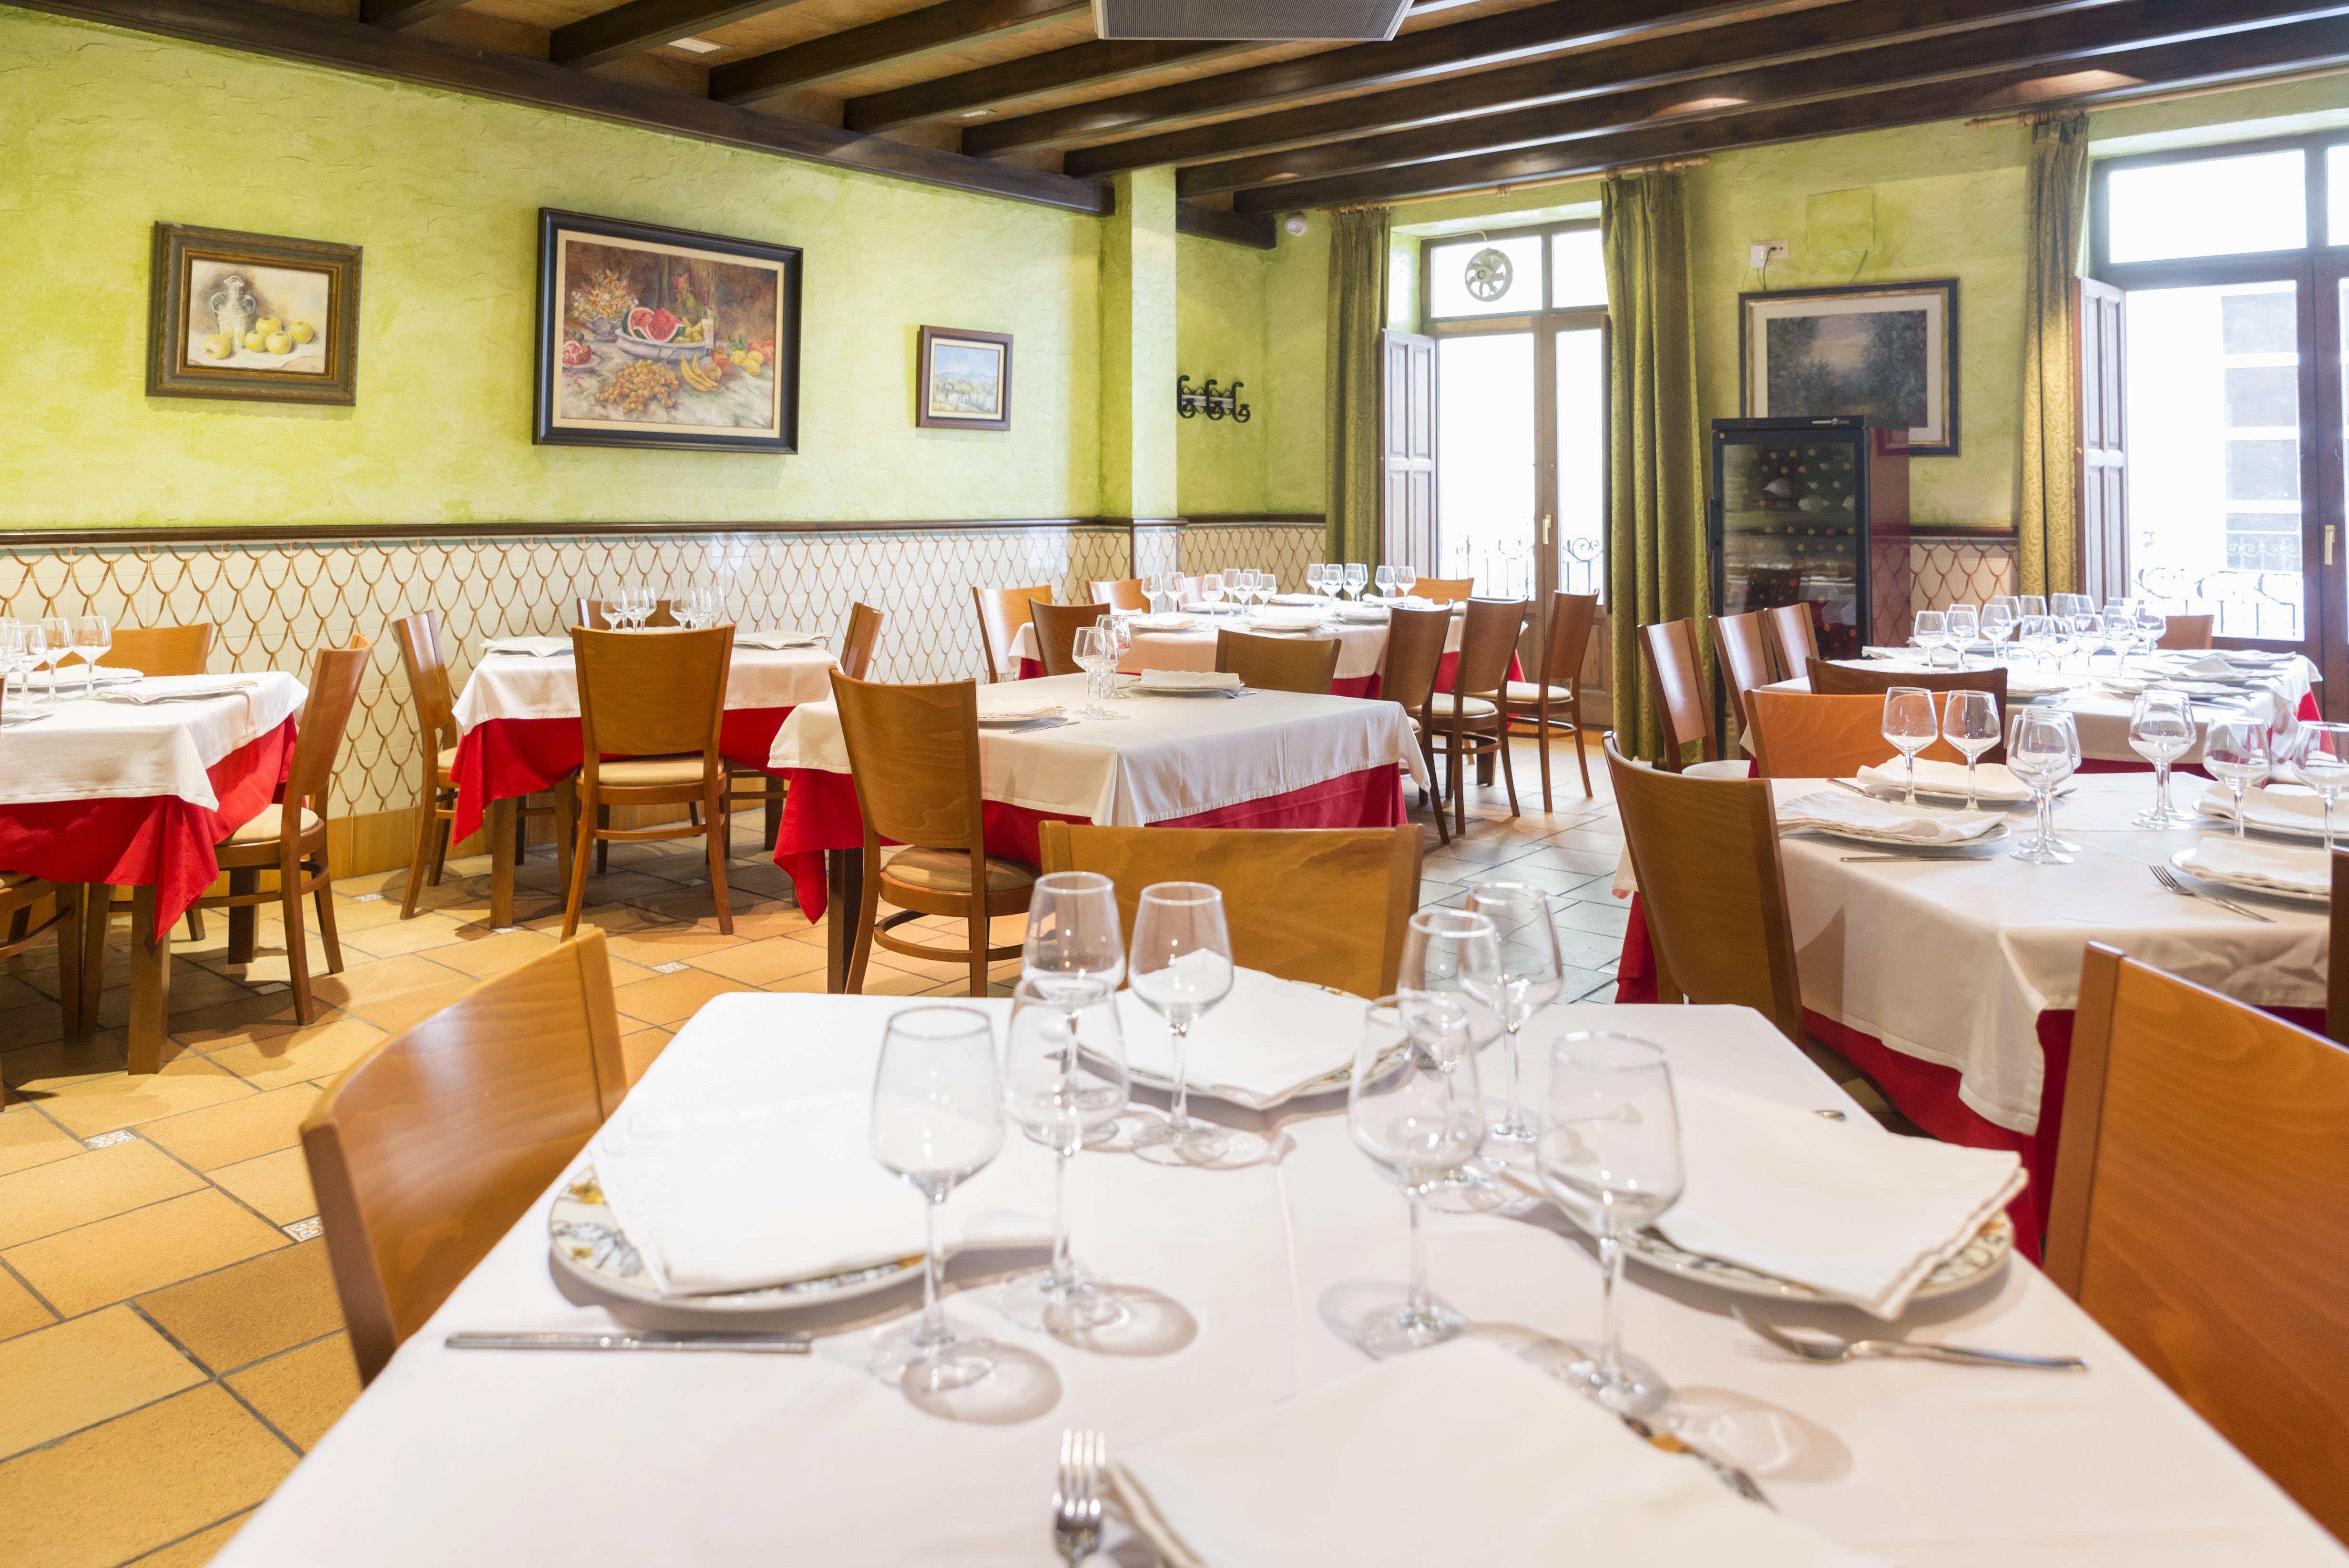 Foto 3 de Cocina mediterránea elaborada con ingredientes siempre frescos en Alicante | La Casona Alicantina